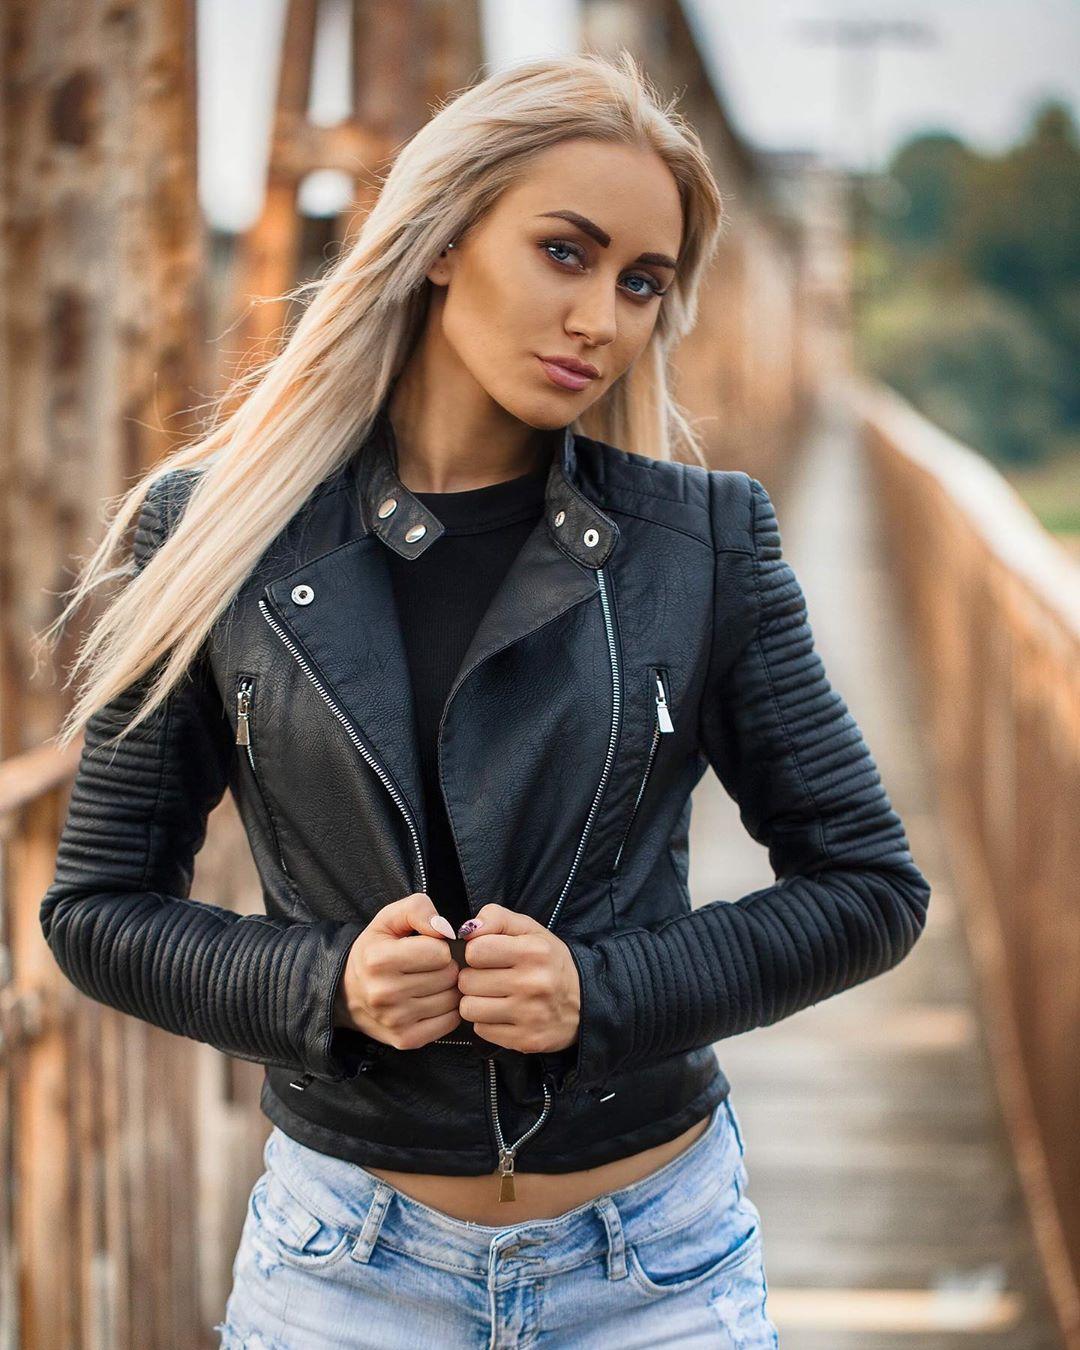 Adrianna-Strzalka-Wallpapers-Insta-Fit-Bio-1